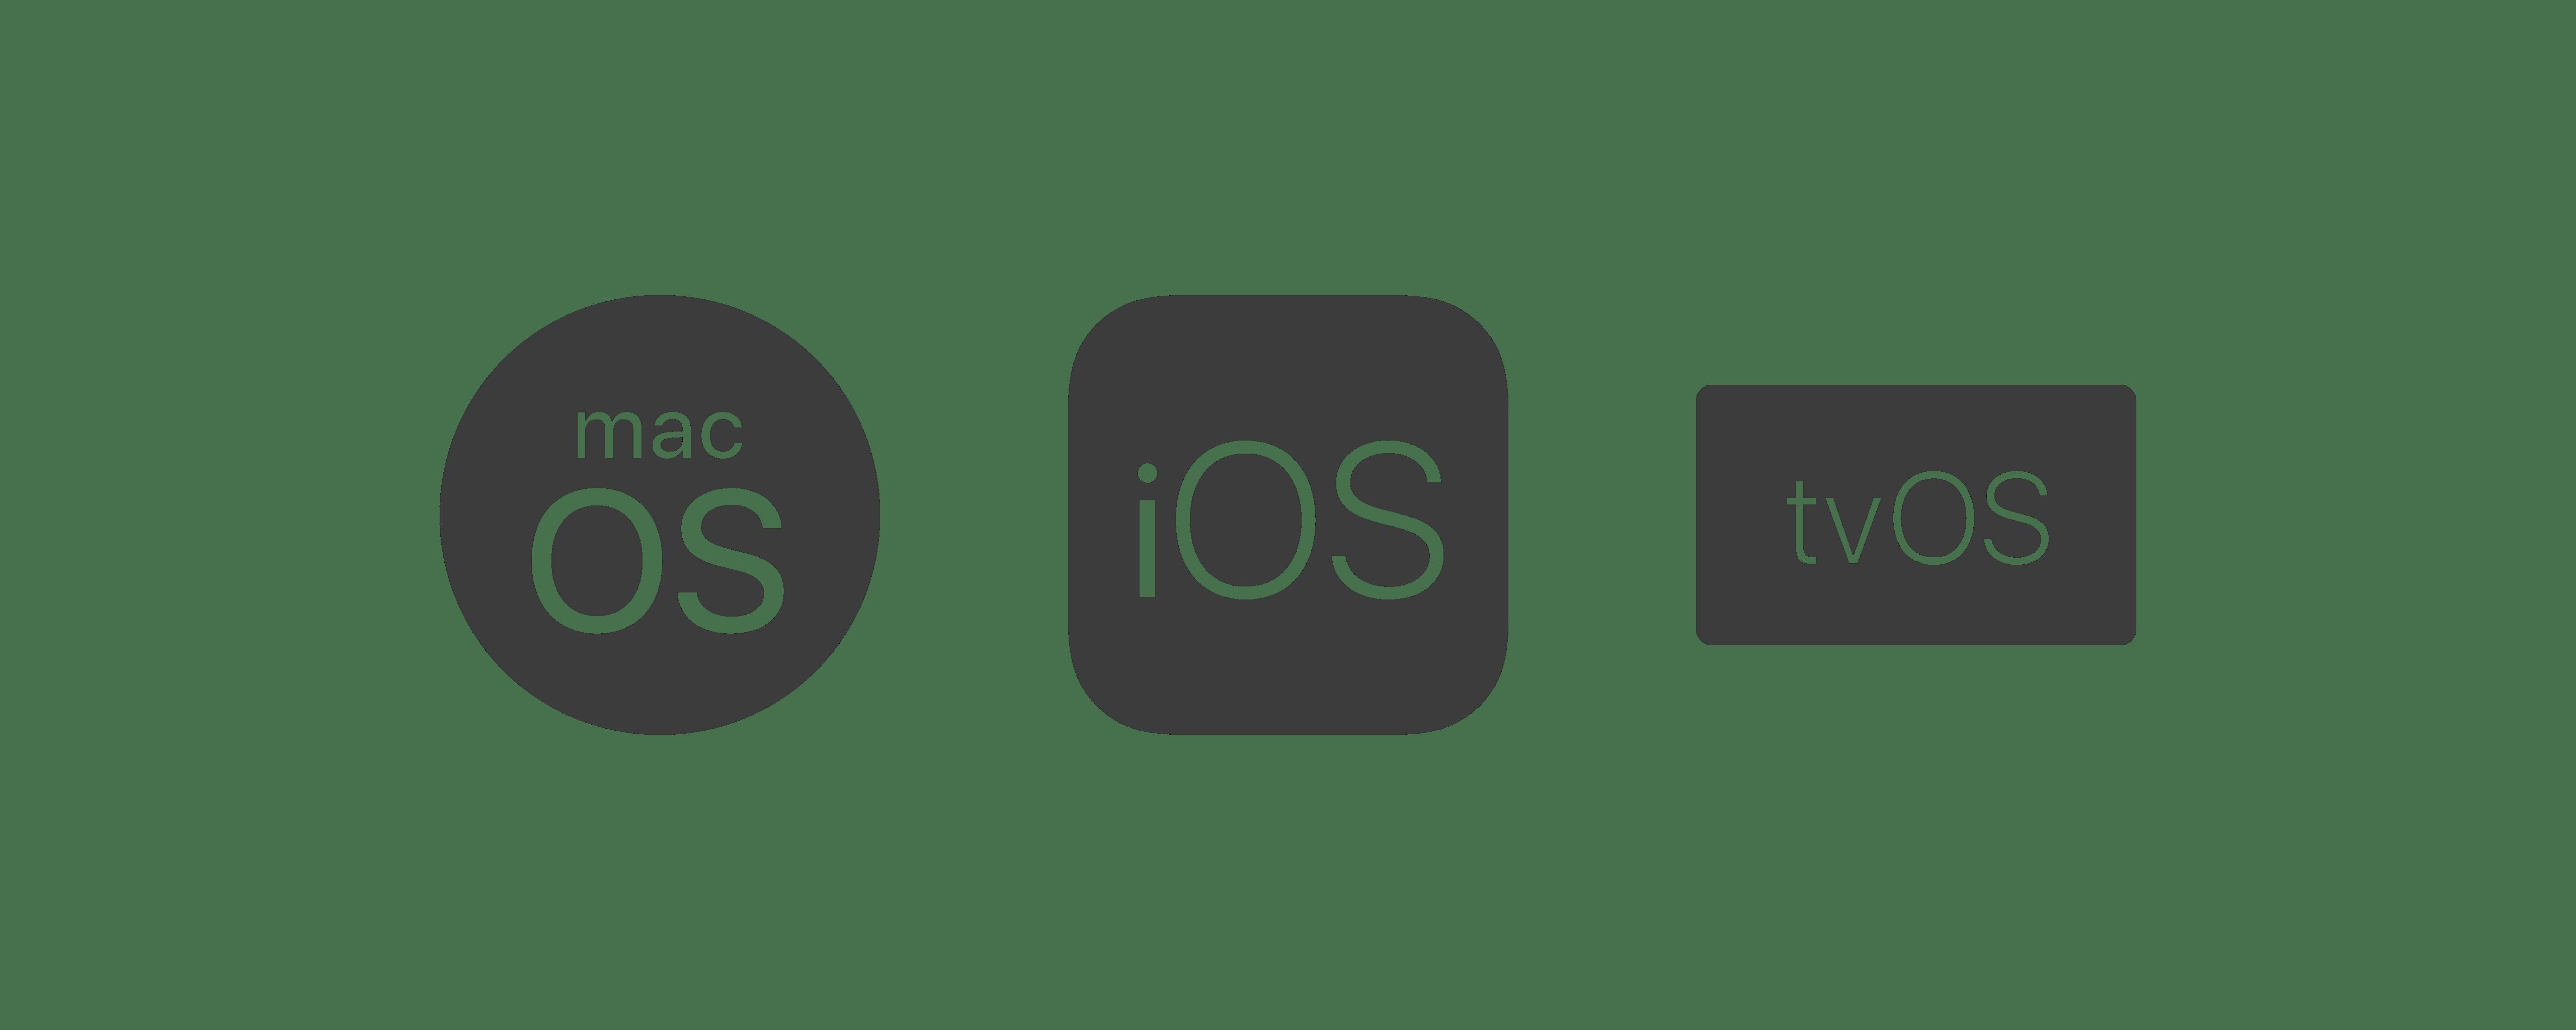 Dzień beta 2 – iOS 12, macOS 10 14, tvOS 12 | iMagazine